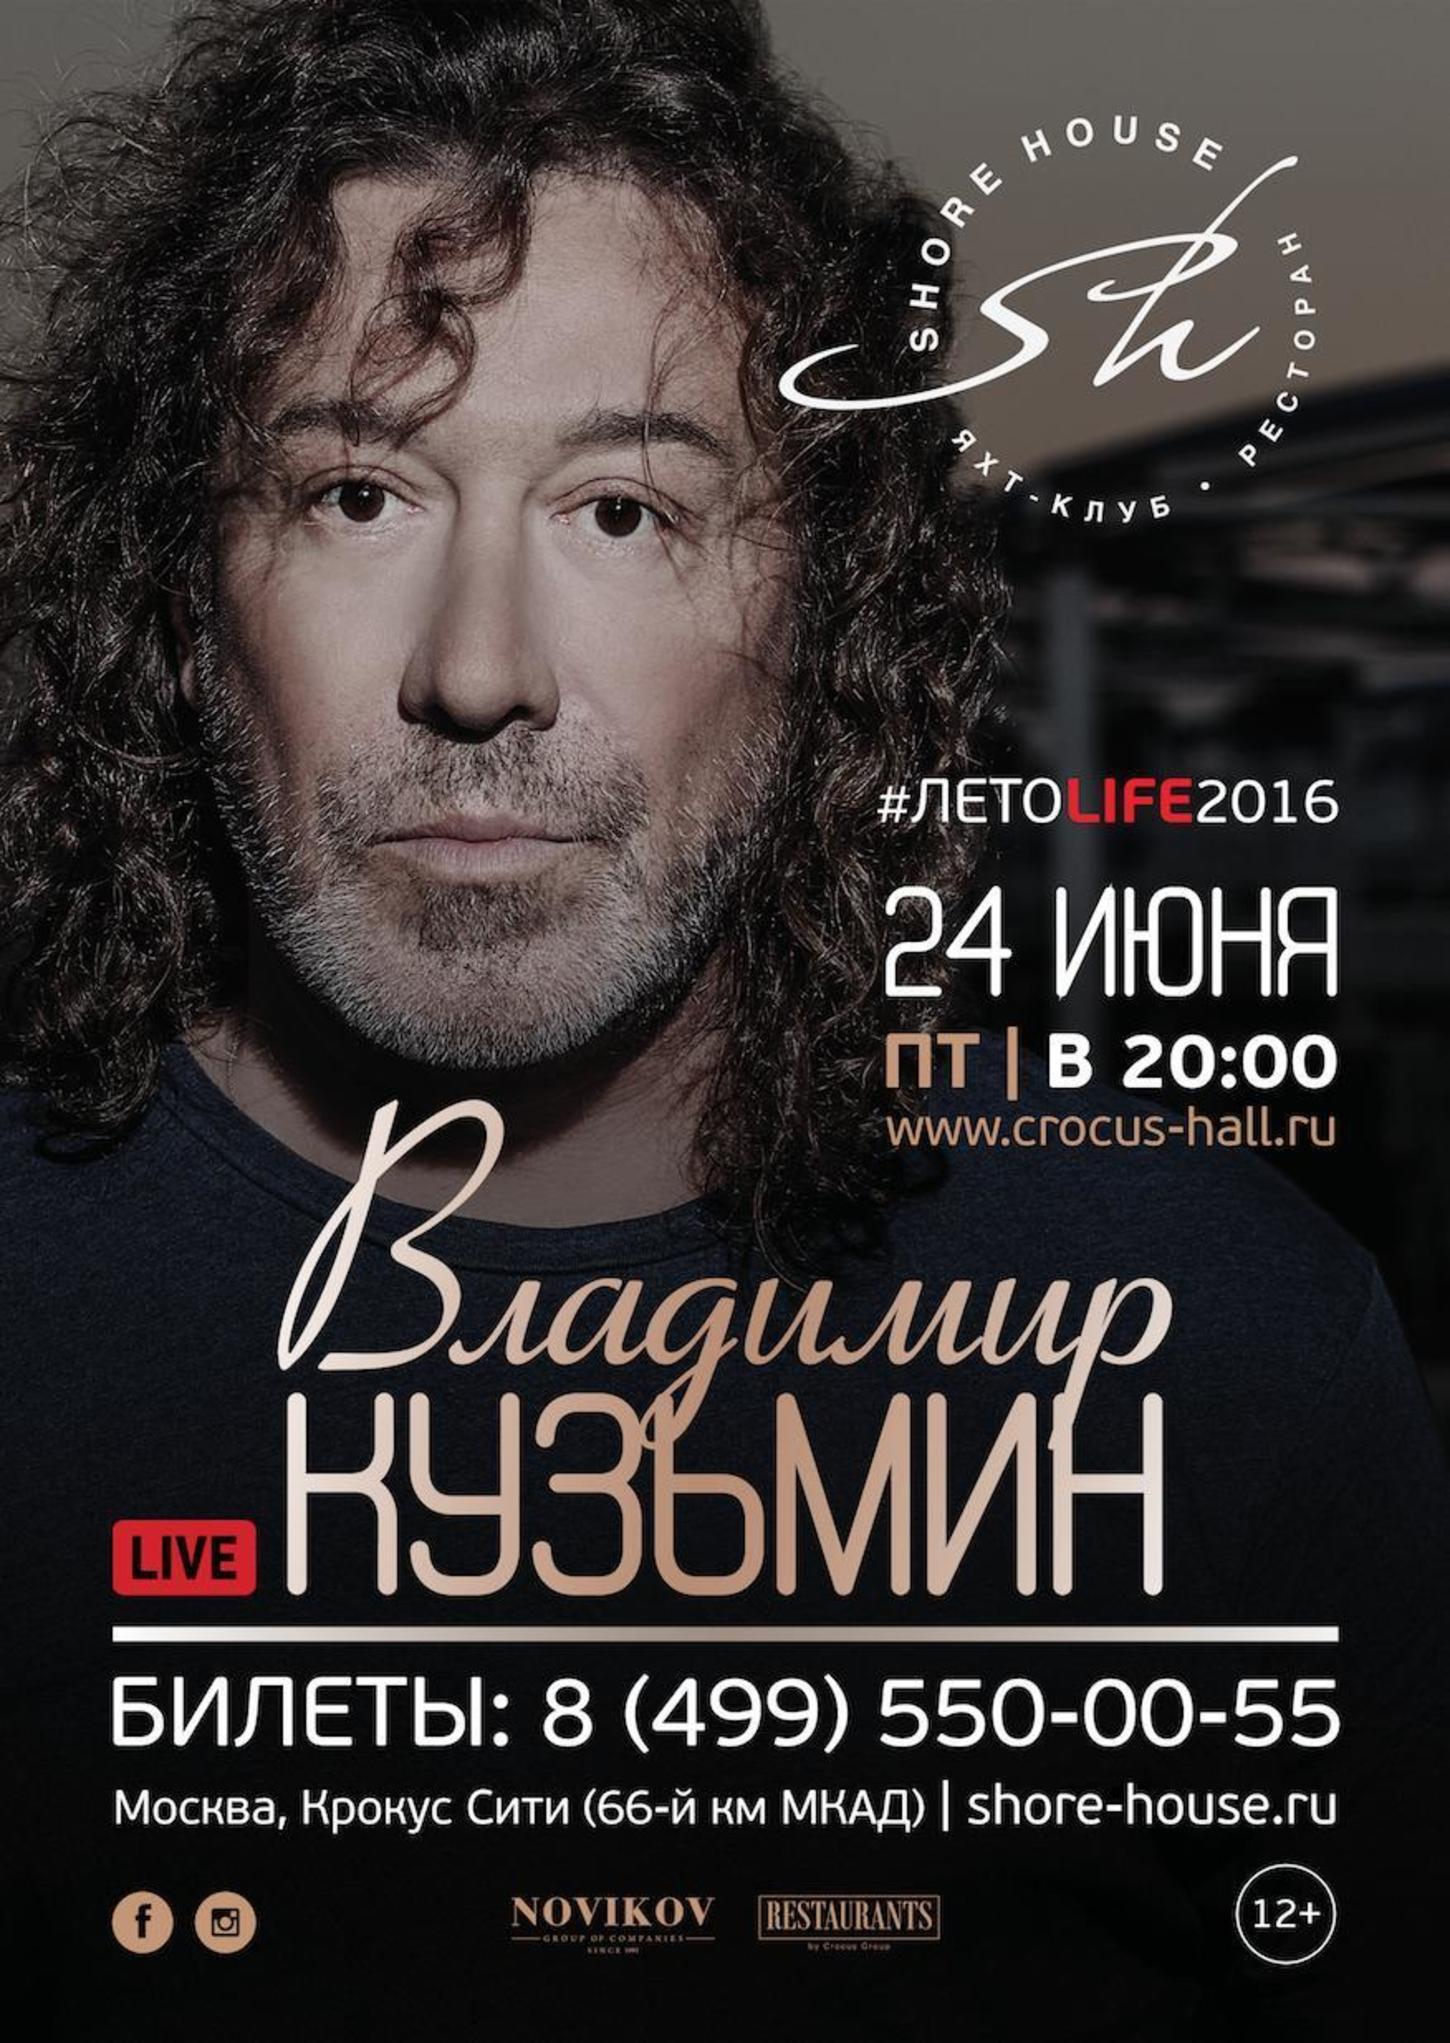 Купить билеты на концерты в Москве 20172018 Афиша